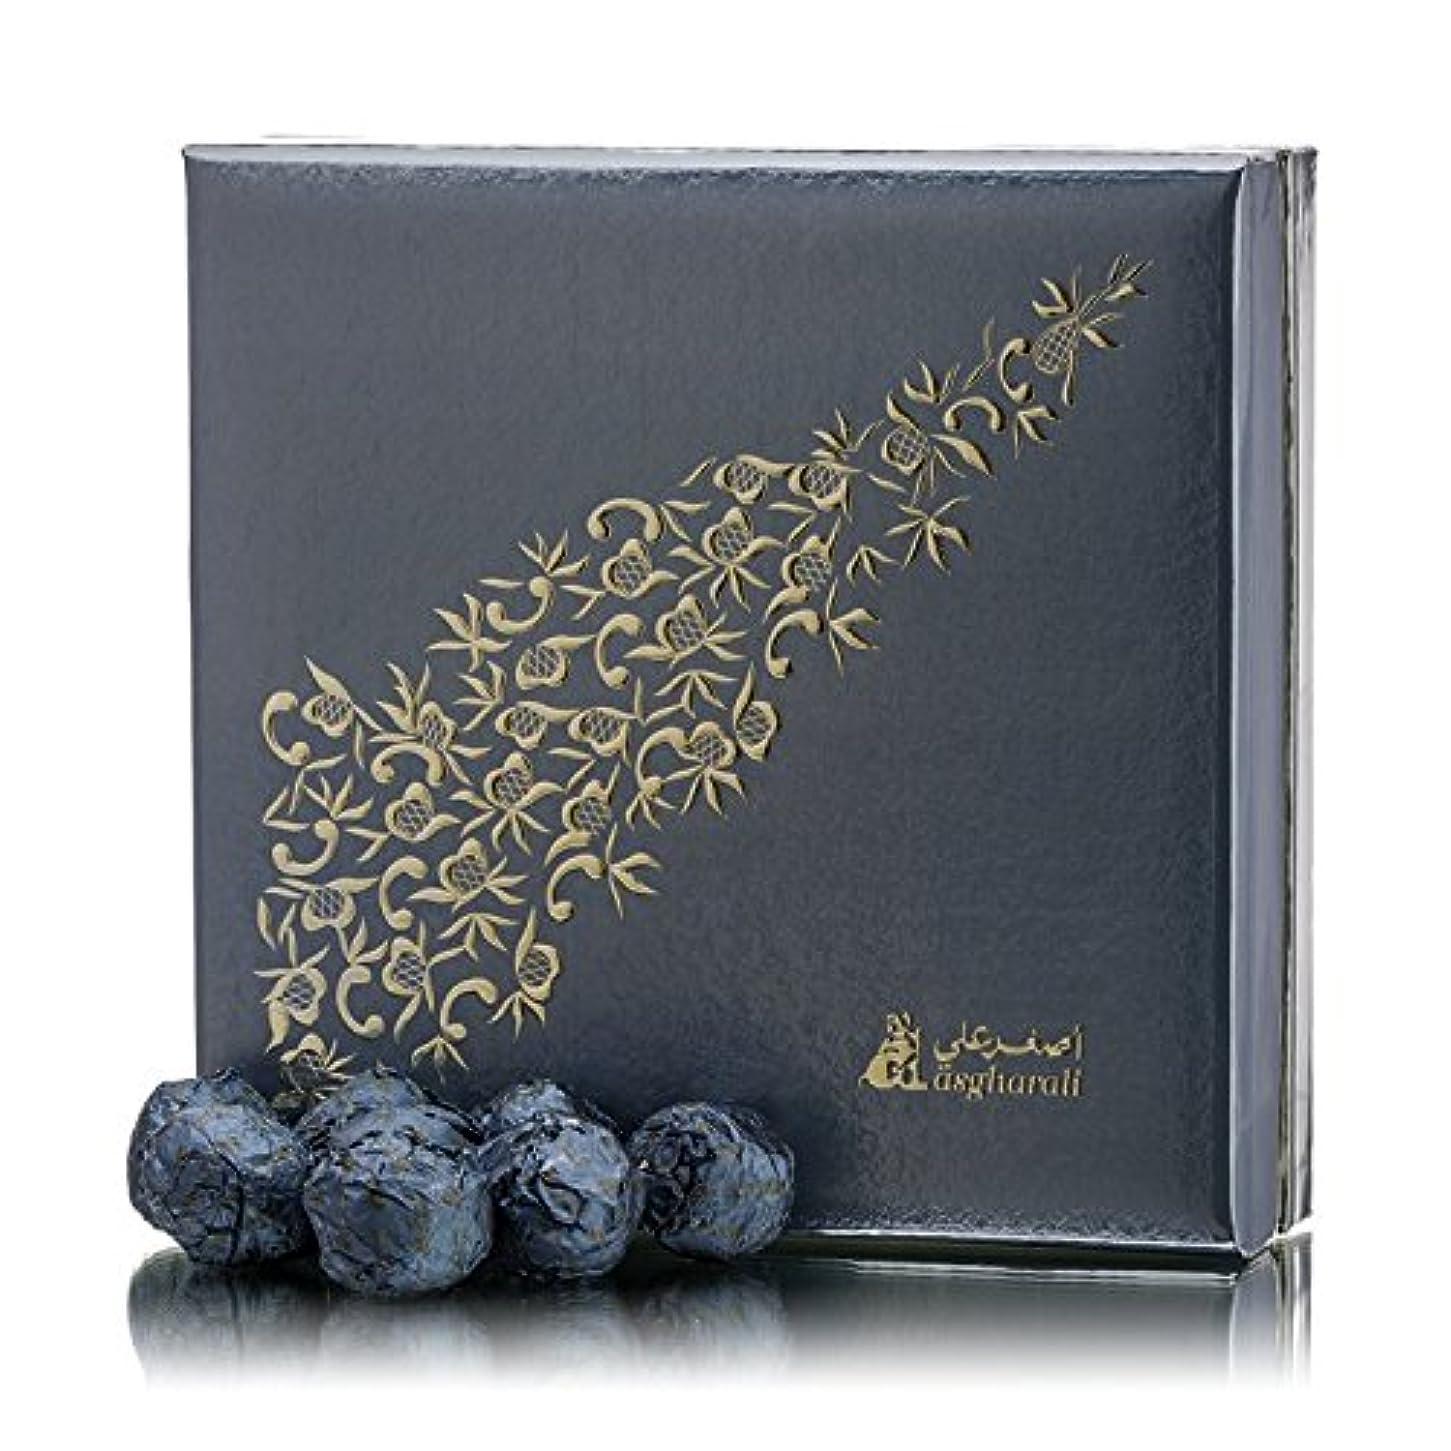 シフトぐるぐる普通にAsgharali debaaj mustabaraq 300ミリグラム – Shay Oud、花柄、Woody、Oriental Incense Limited Edition Bakhoor